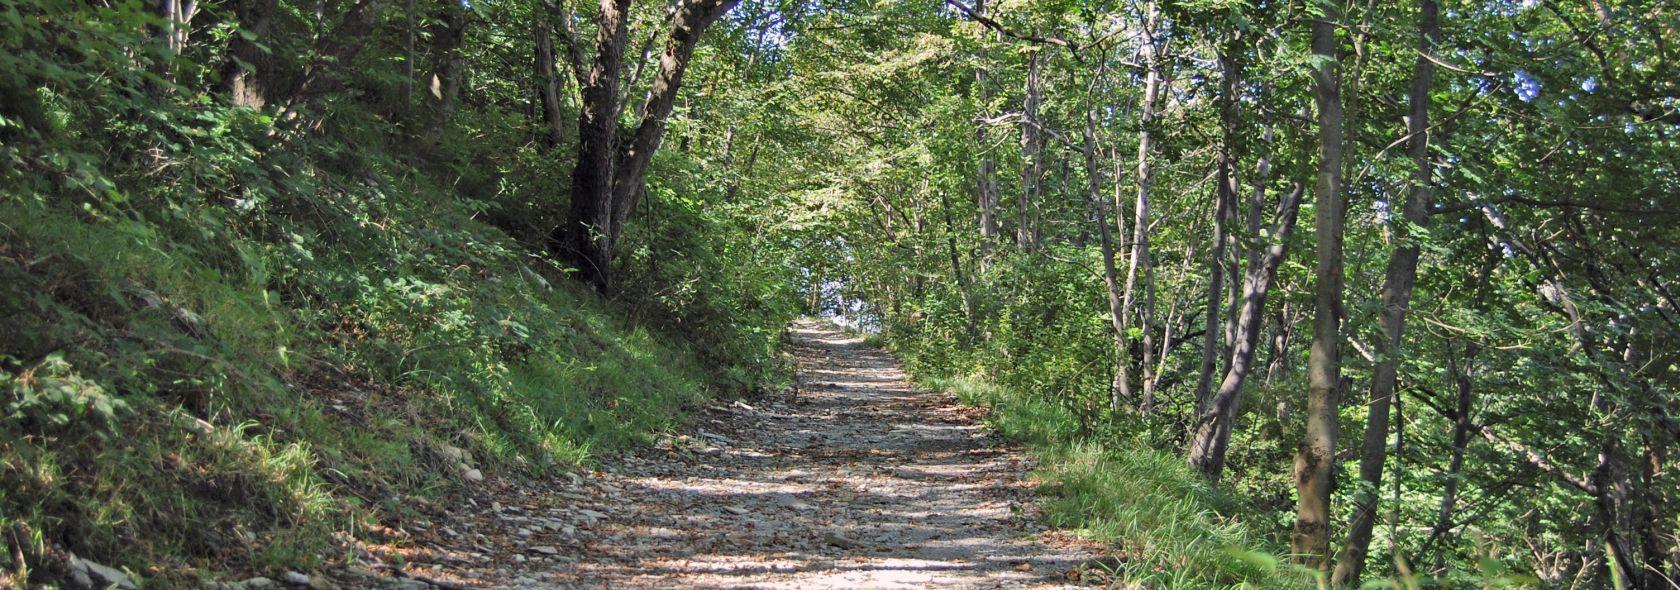 Il sentiero fra Forte Sperone e Forte Puin - Archivio Ufficio Parco Urbano delle